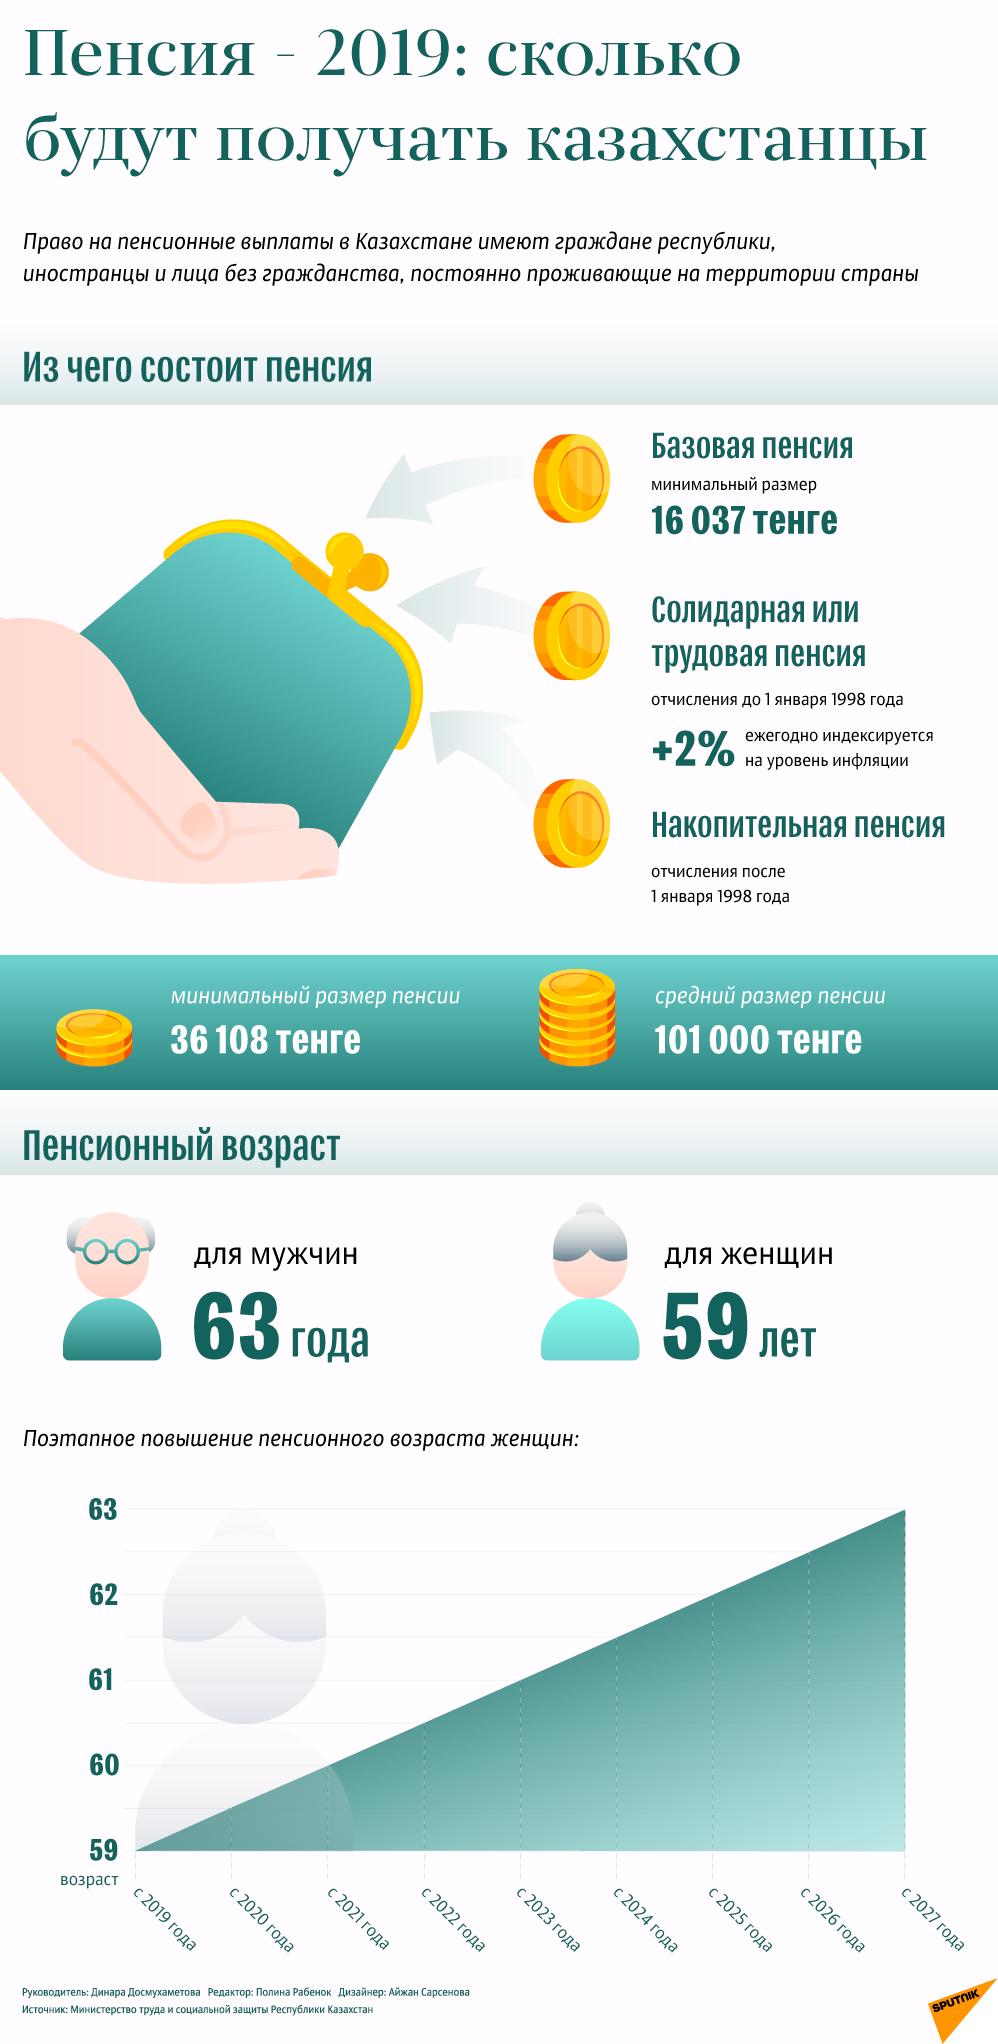 Сколько минимальная пенсия в казахстане минимальный размер пенсии сегодня